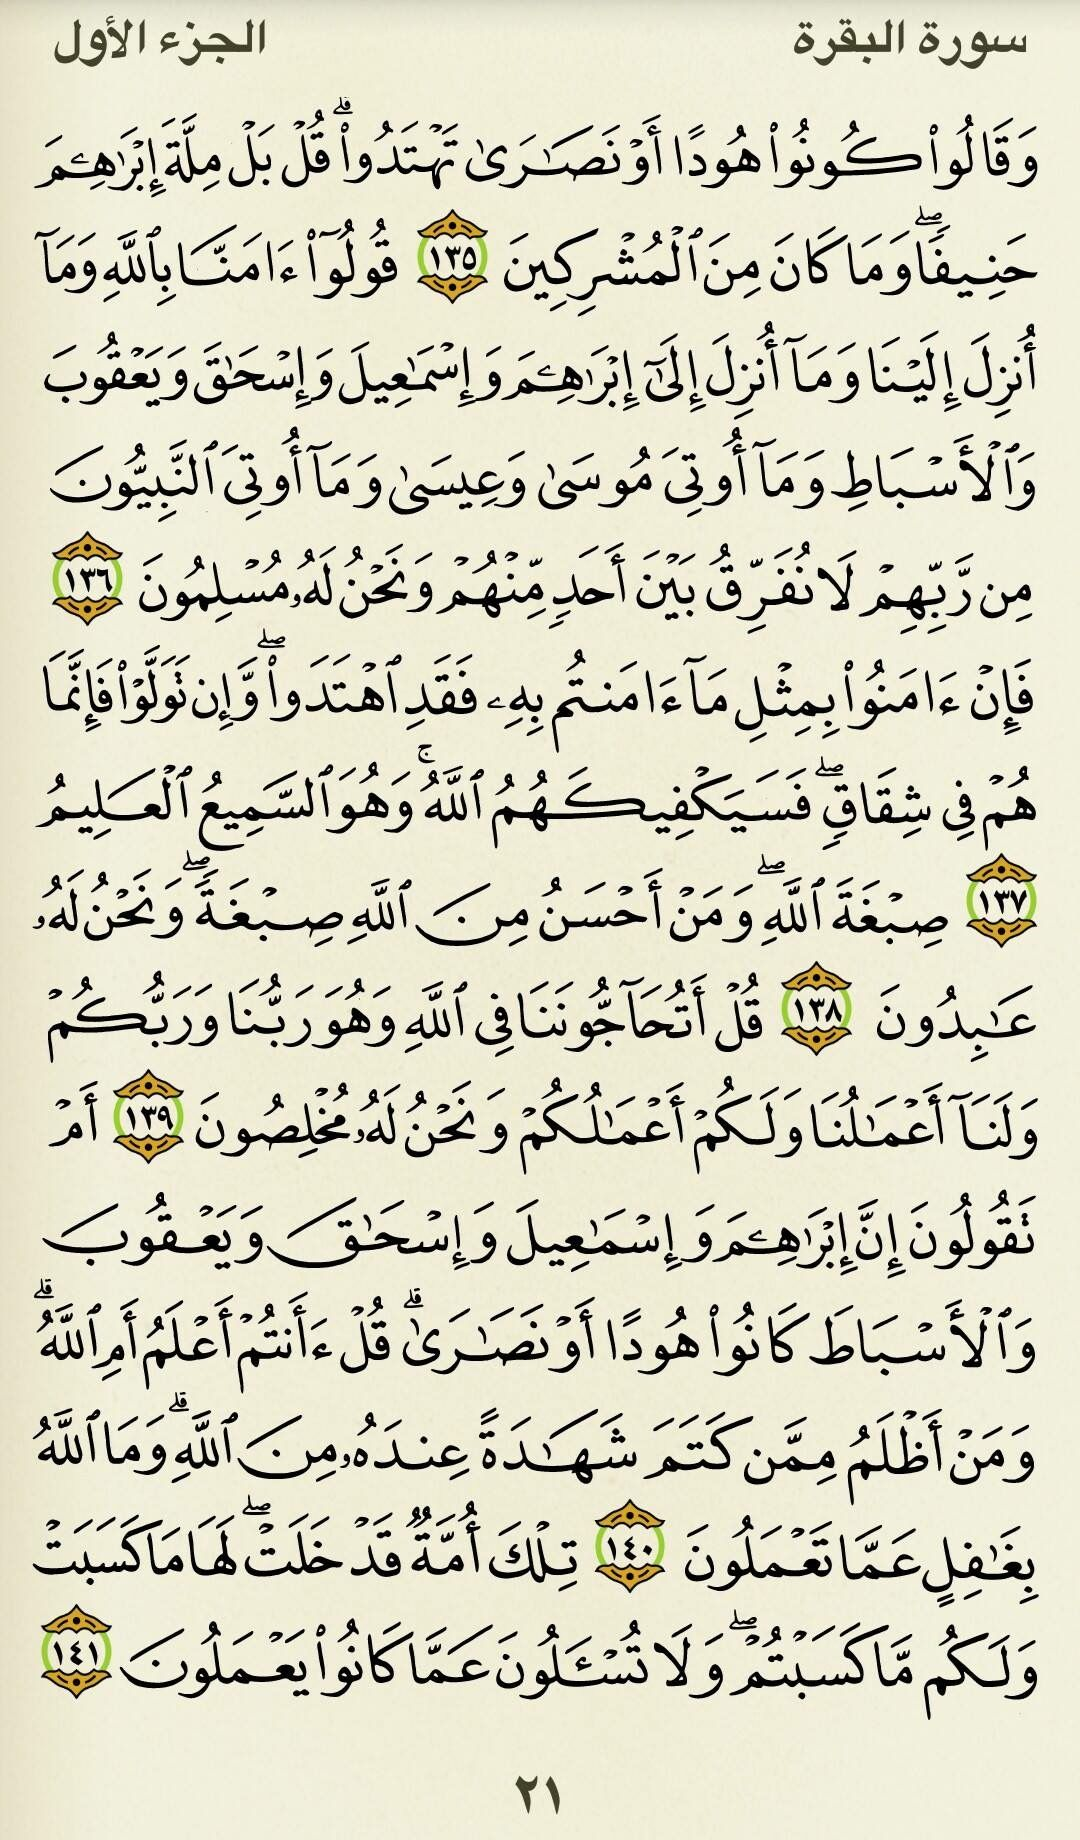 ١٣٥ ١٤١ البقرة Quran Verses Verses Sheet Music